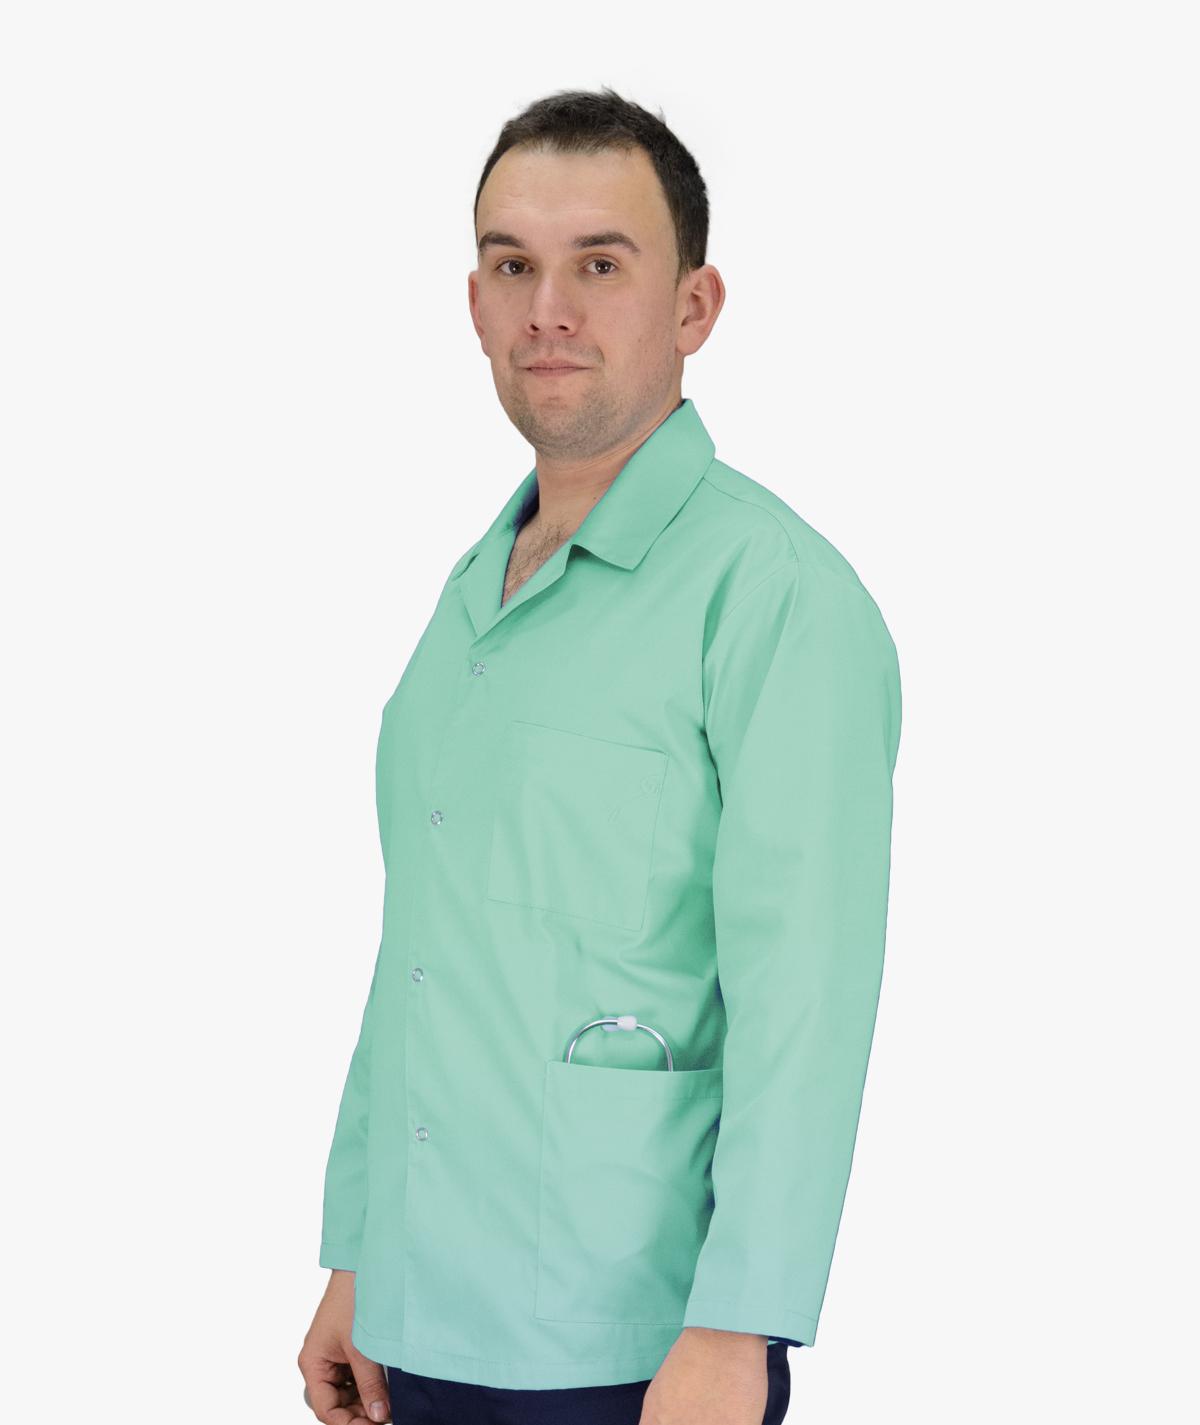 Bluza Adam długi rękaw